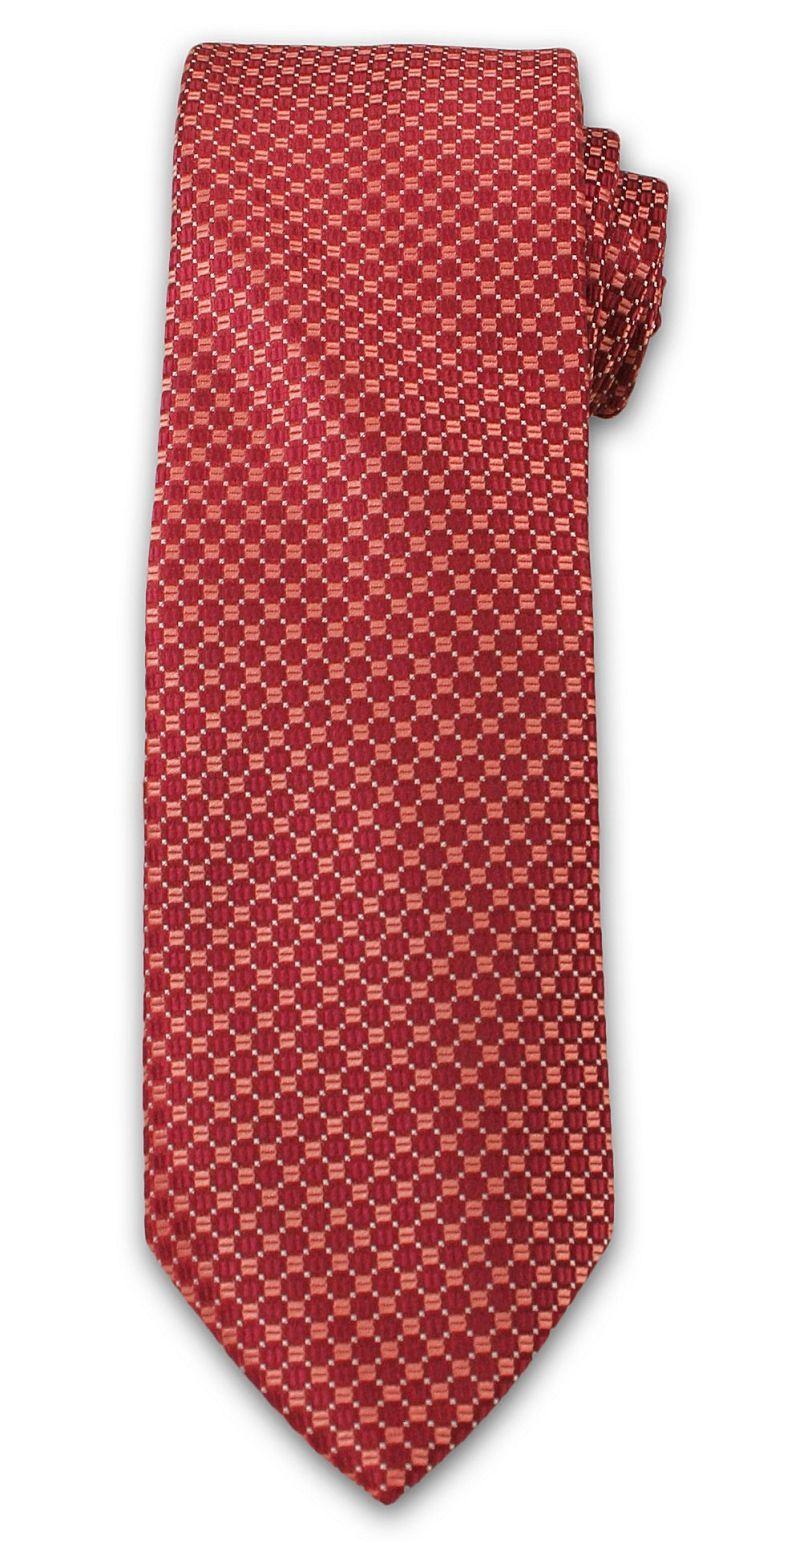 Wyrazisty Krawat Męski w Drobny Wzór, Kółka - Chattier, Łososiowo- Czerwony KRCH0988